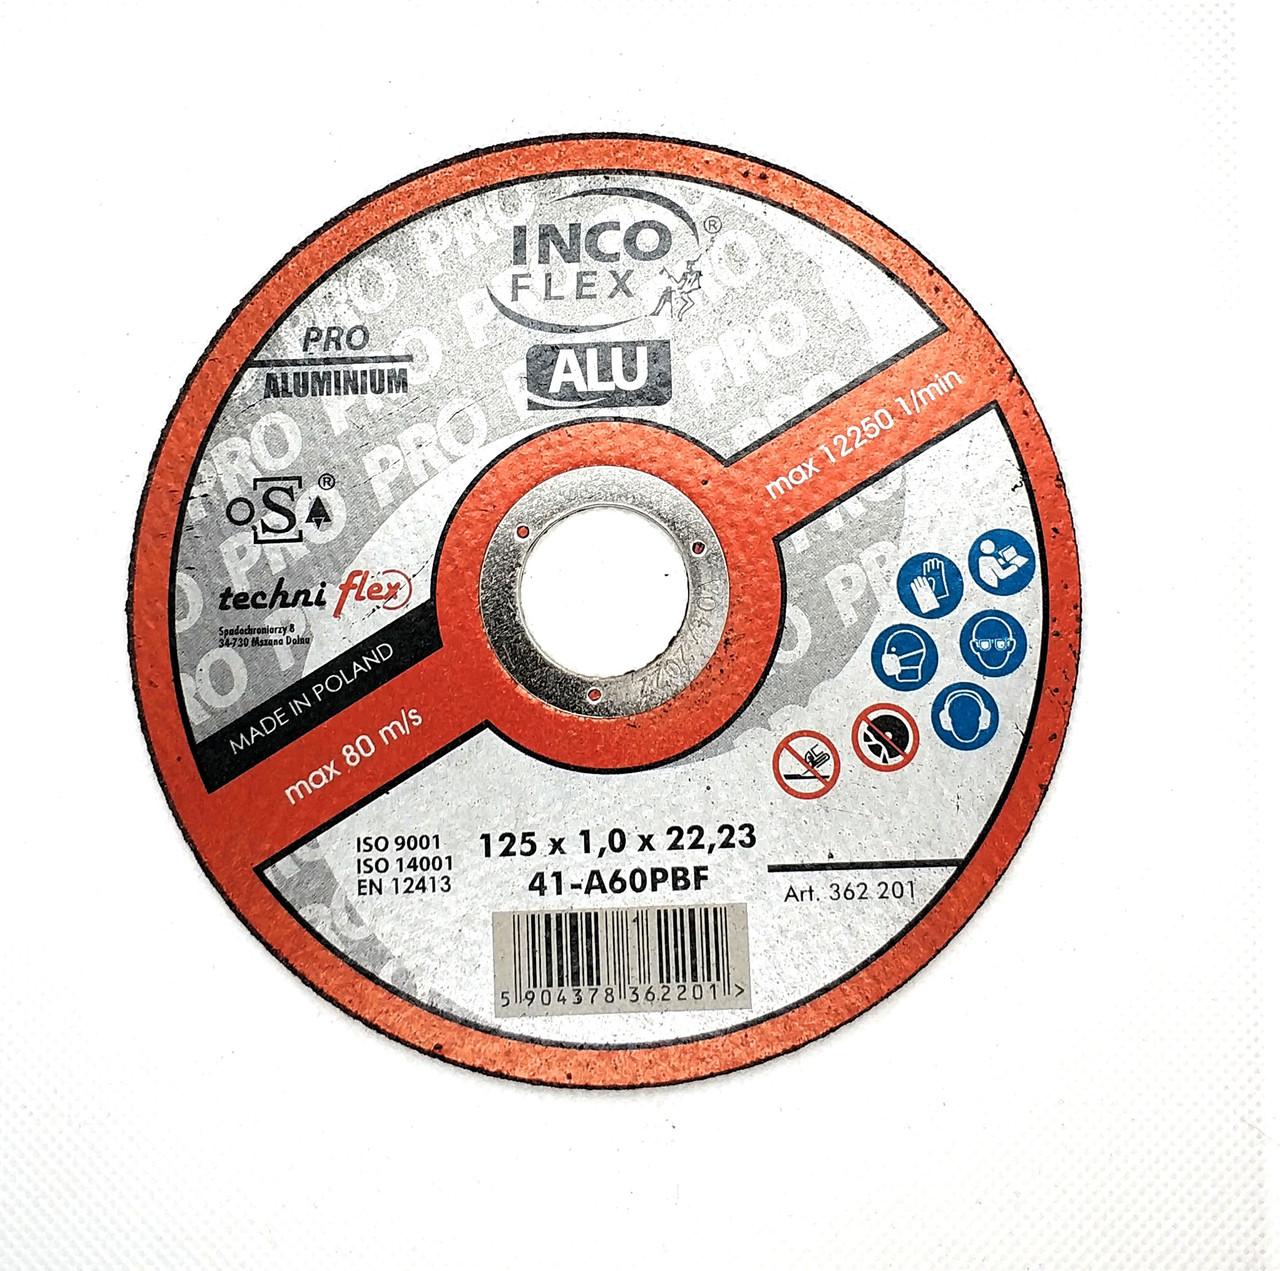 Круг відрізний по металу 125х1,0x22,23мм, A36PBF-41, ALU-PRO, IncoFlex (50)